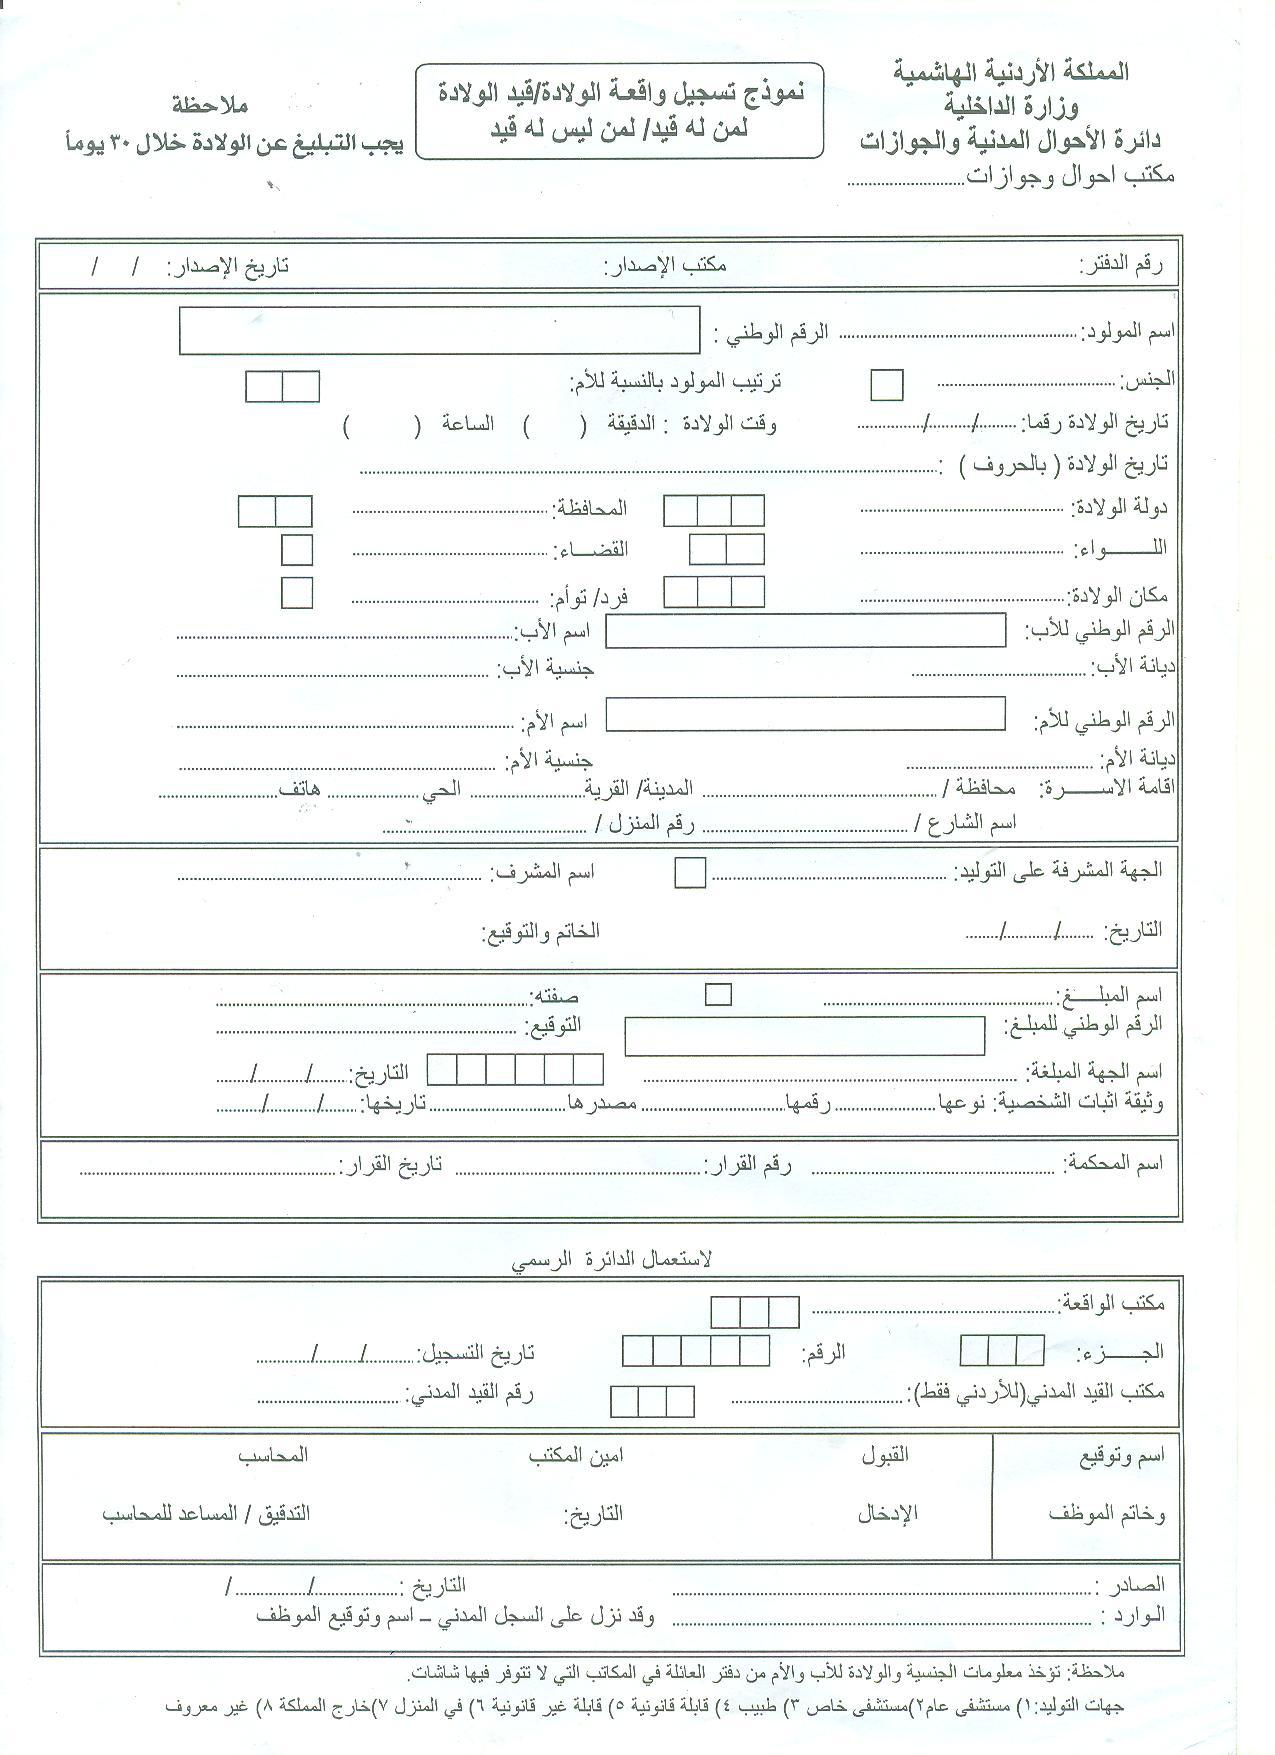 تسجيل واقعة ولادة واصدار شهادة ولادة